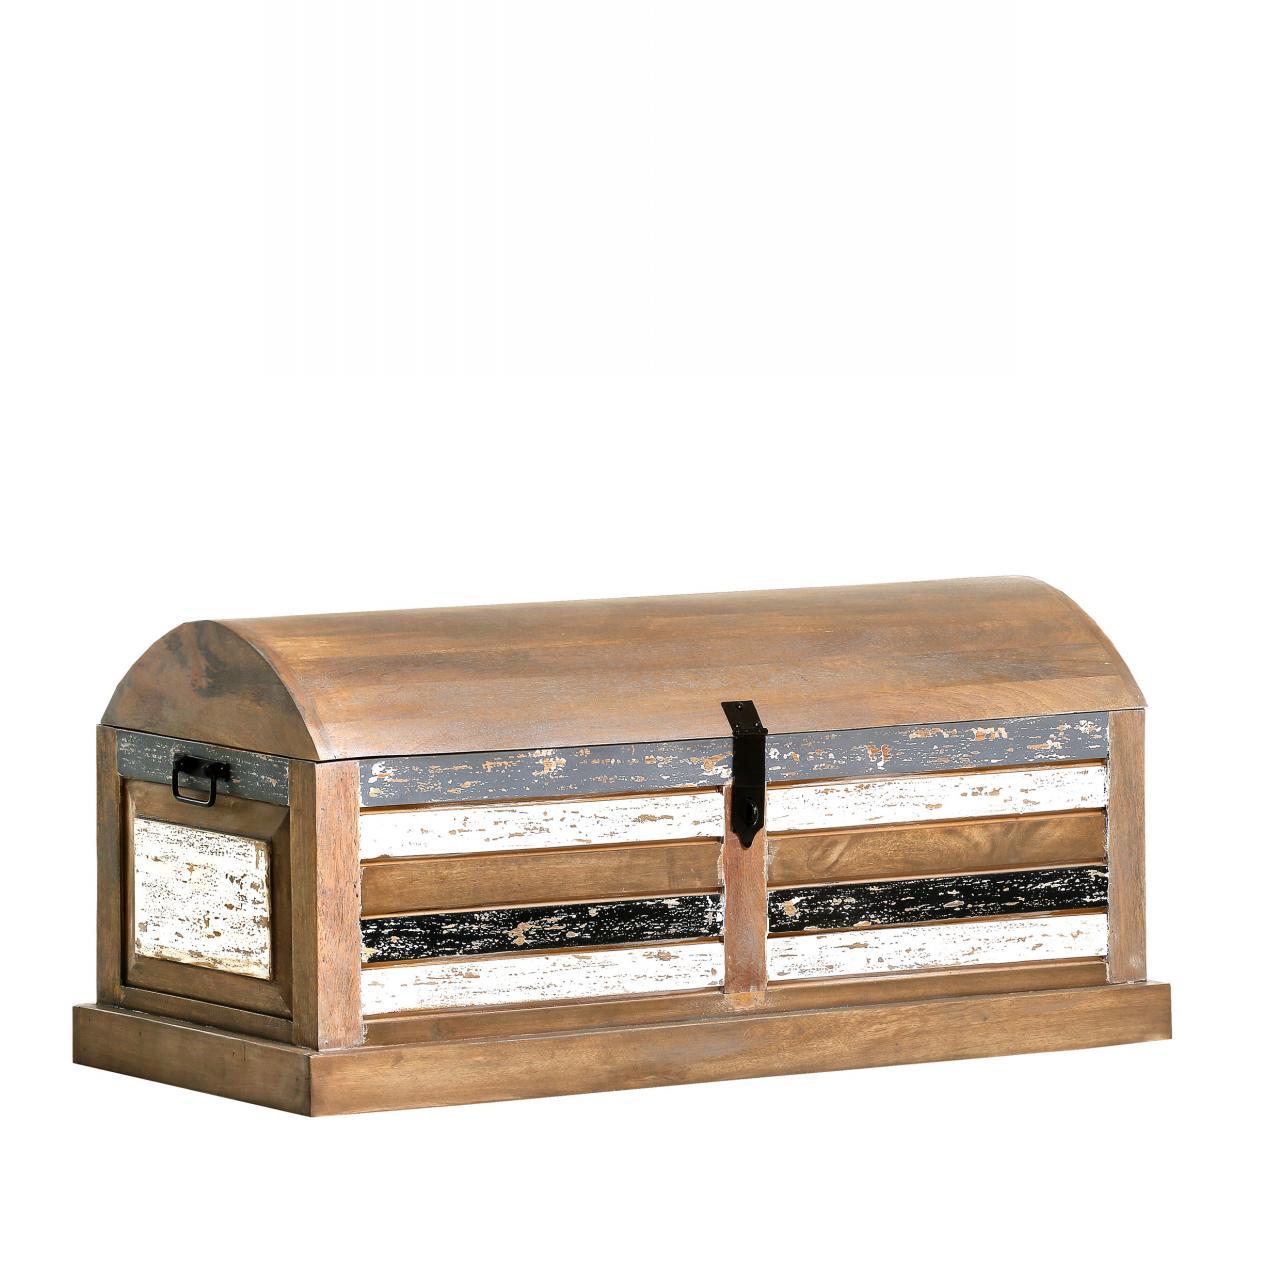 taifun 61096 beim bel wohnen m bel j hnichen center gmbh. Black Bedroom Furniture Sets. Home Design Ideas